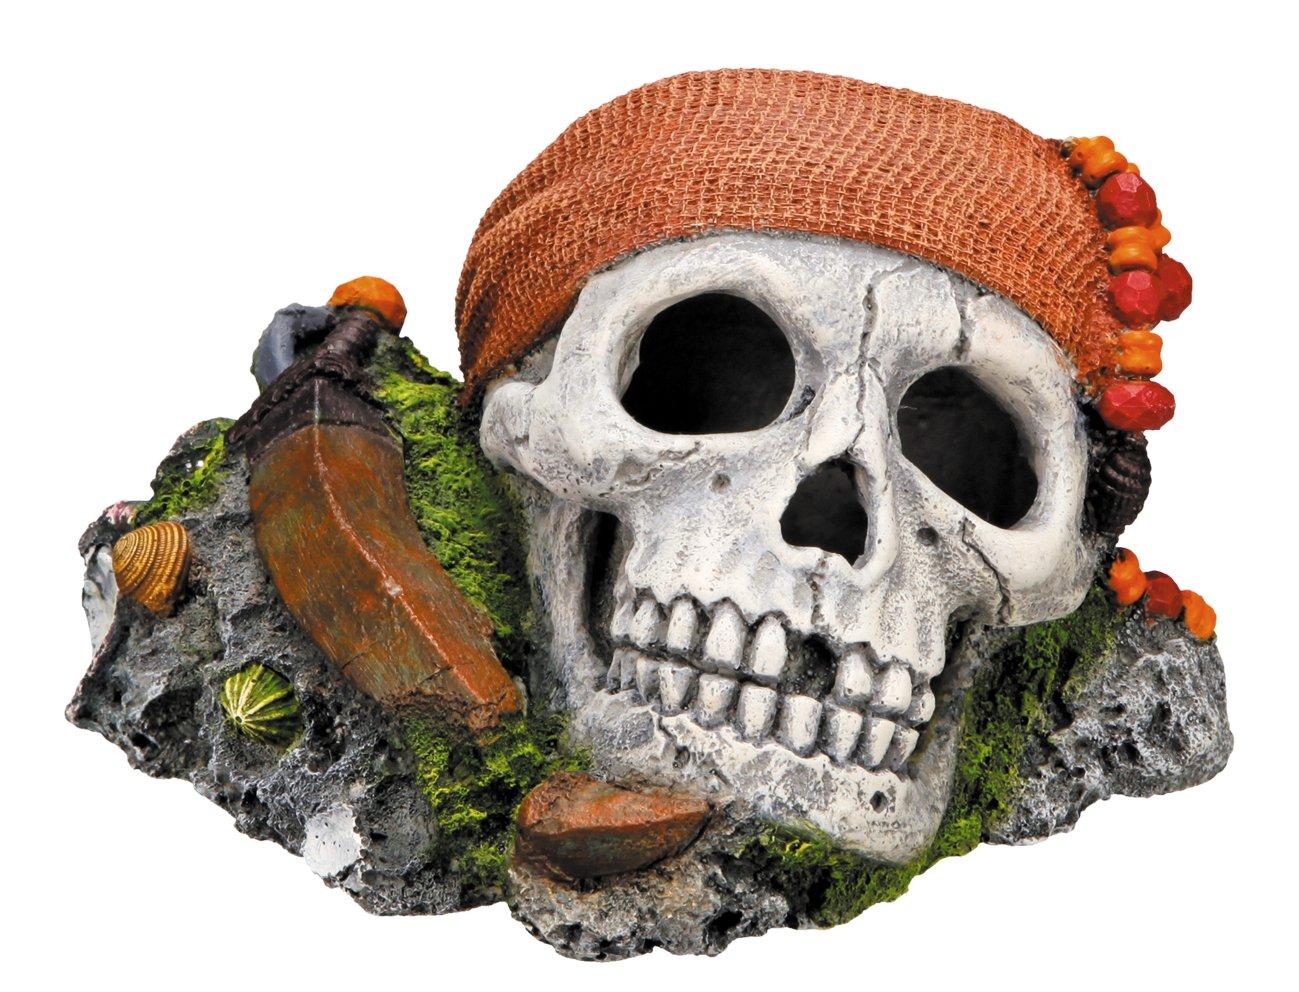 Nobby 28146 Décoration d'aquarium Modèle crâne de pirate